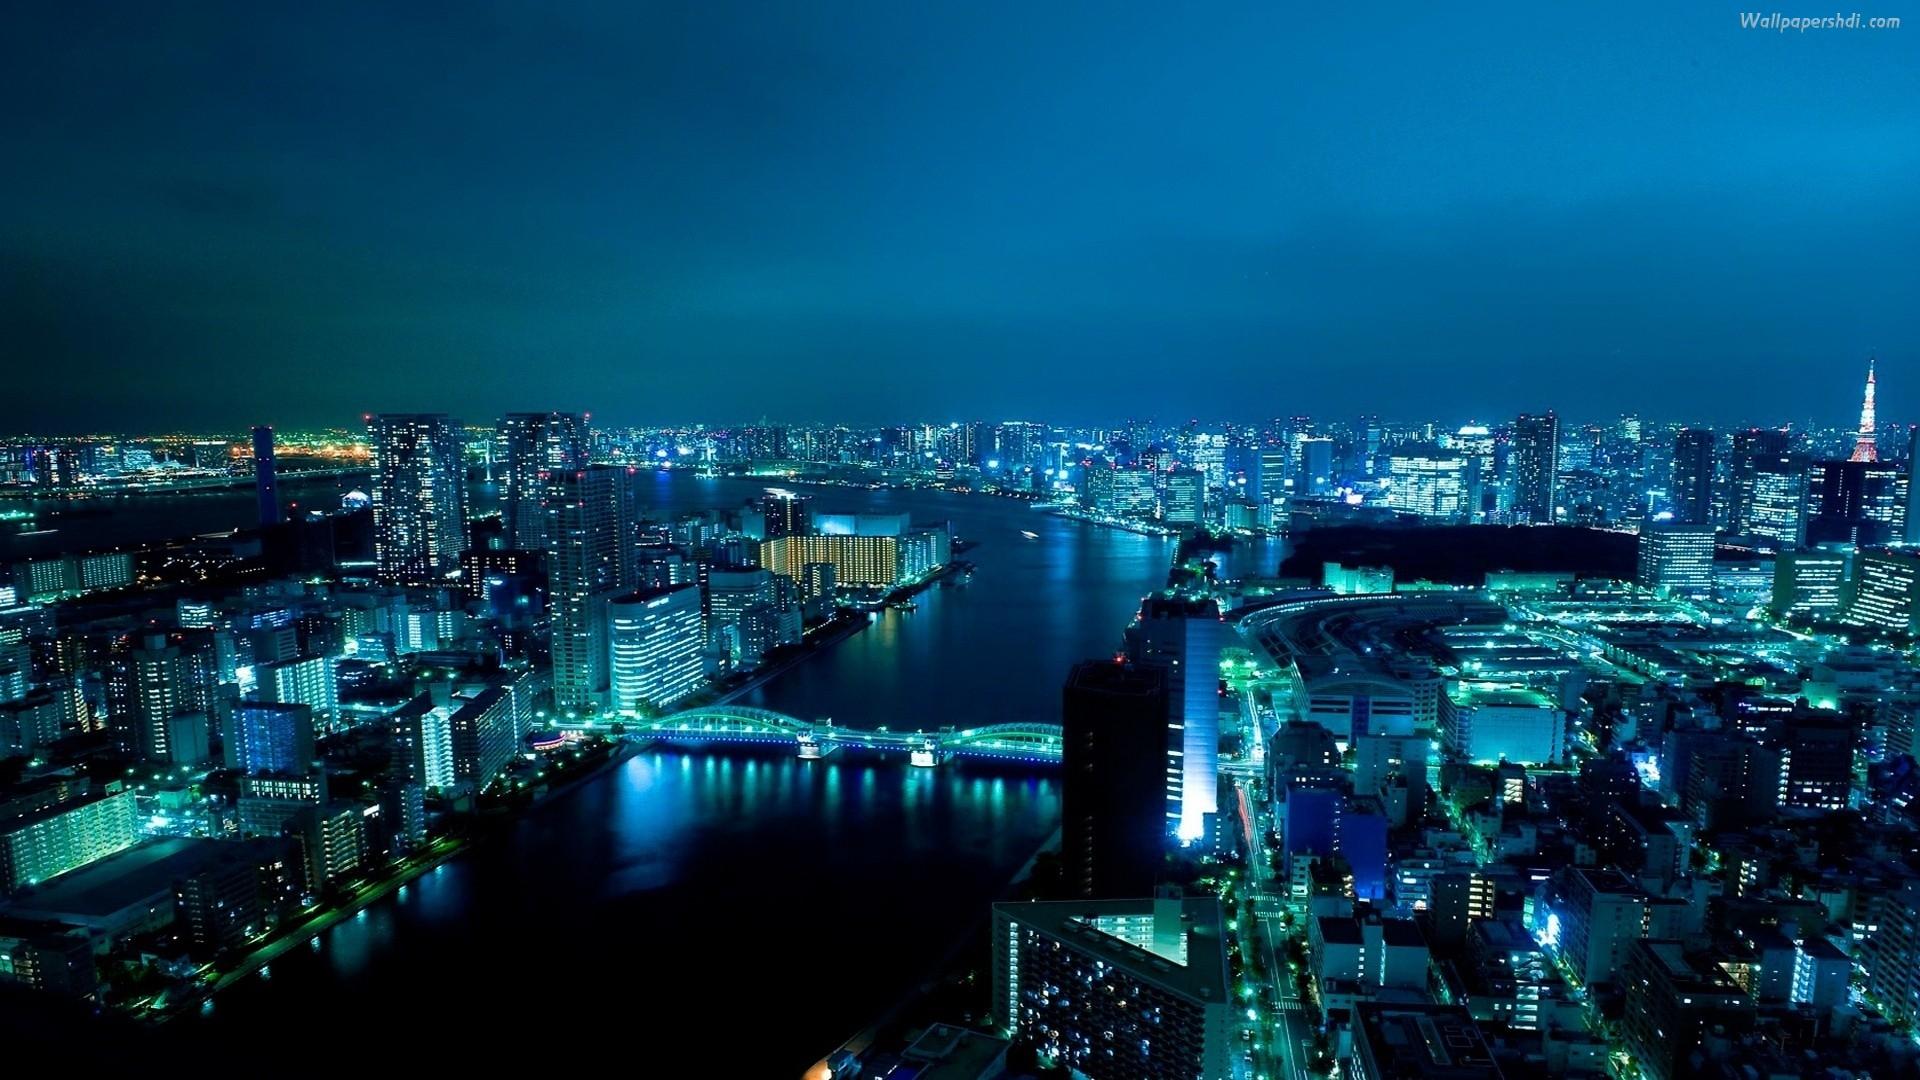 background blue tokyo 1920x1080 1920x1080